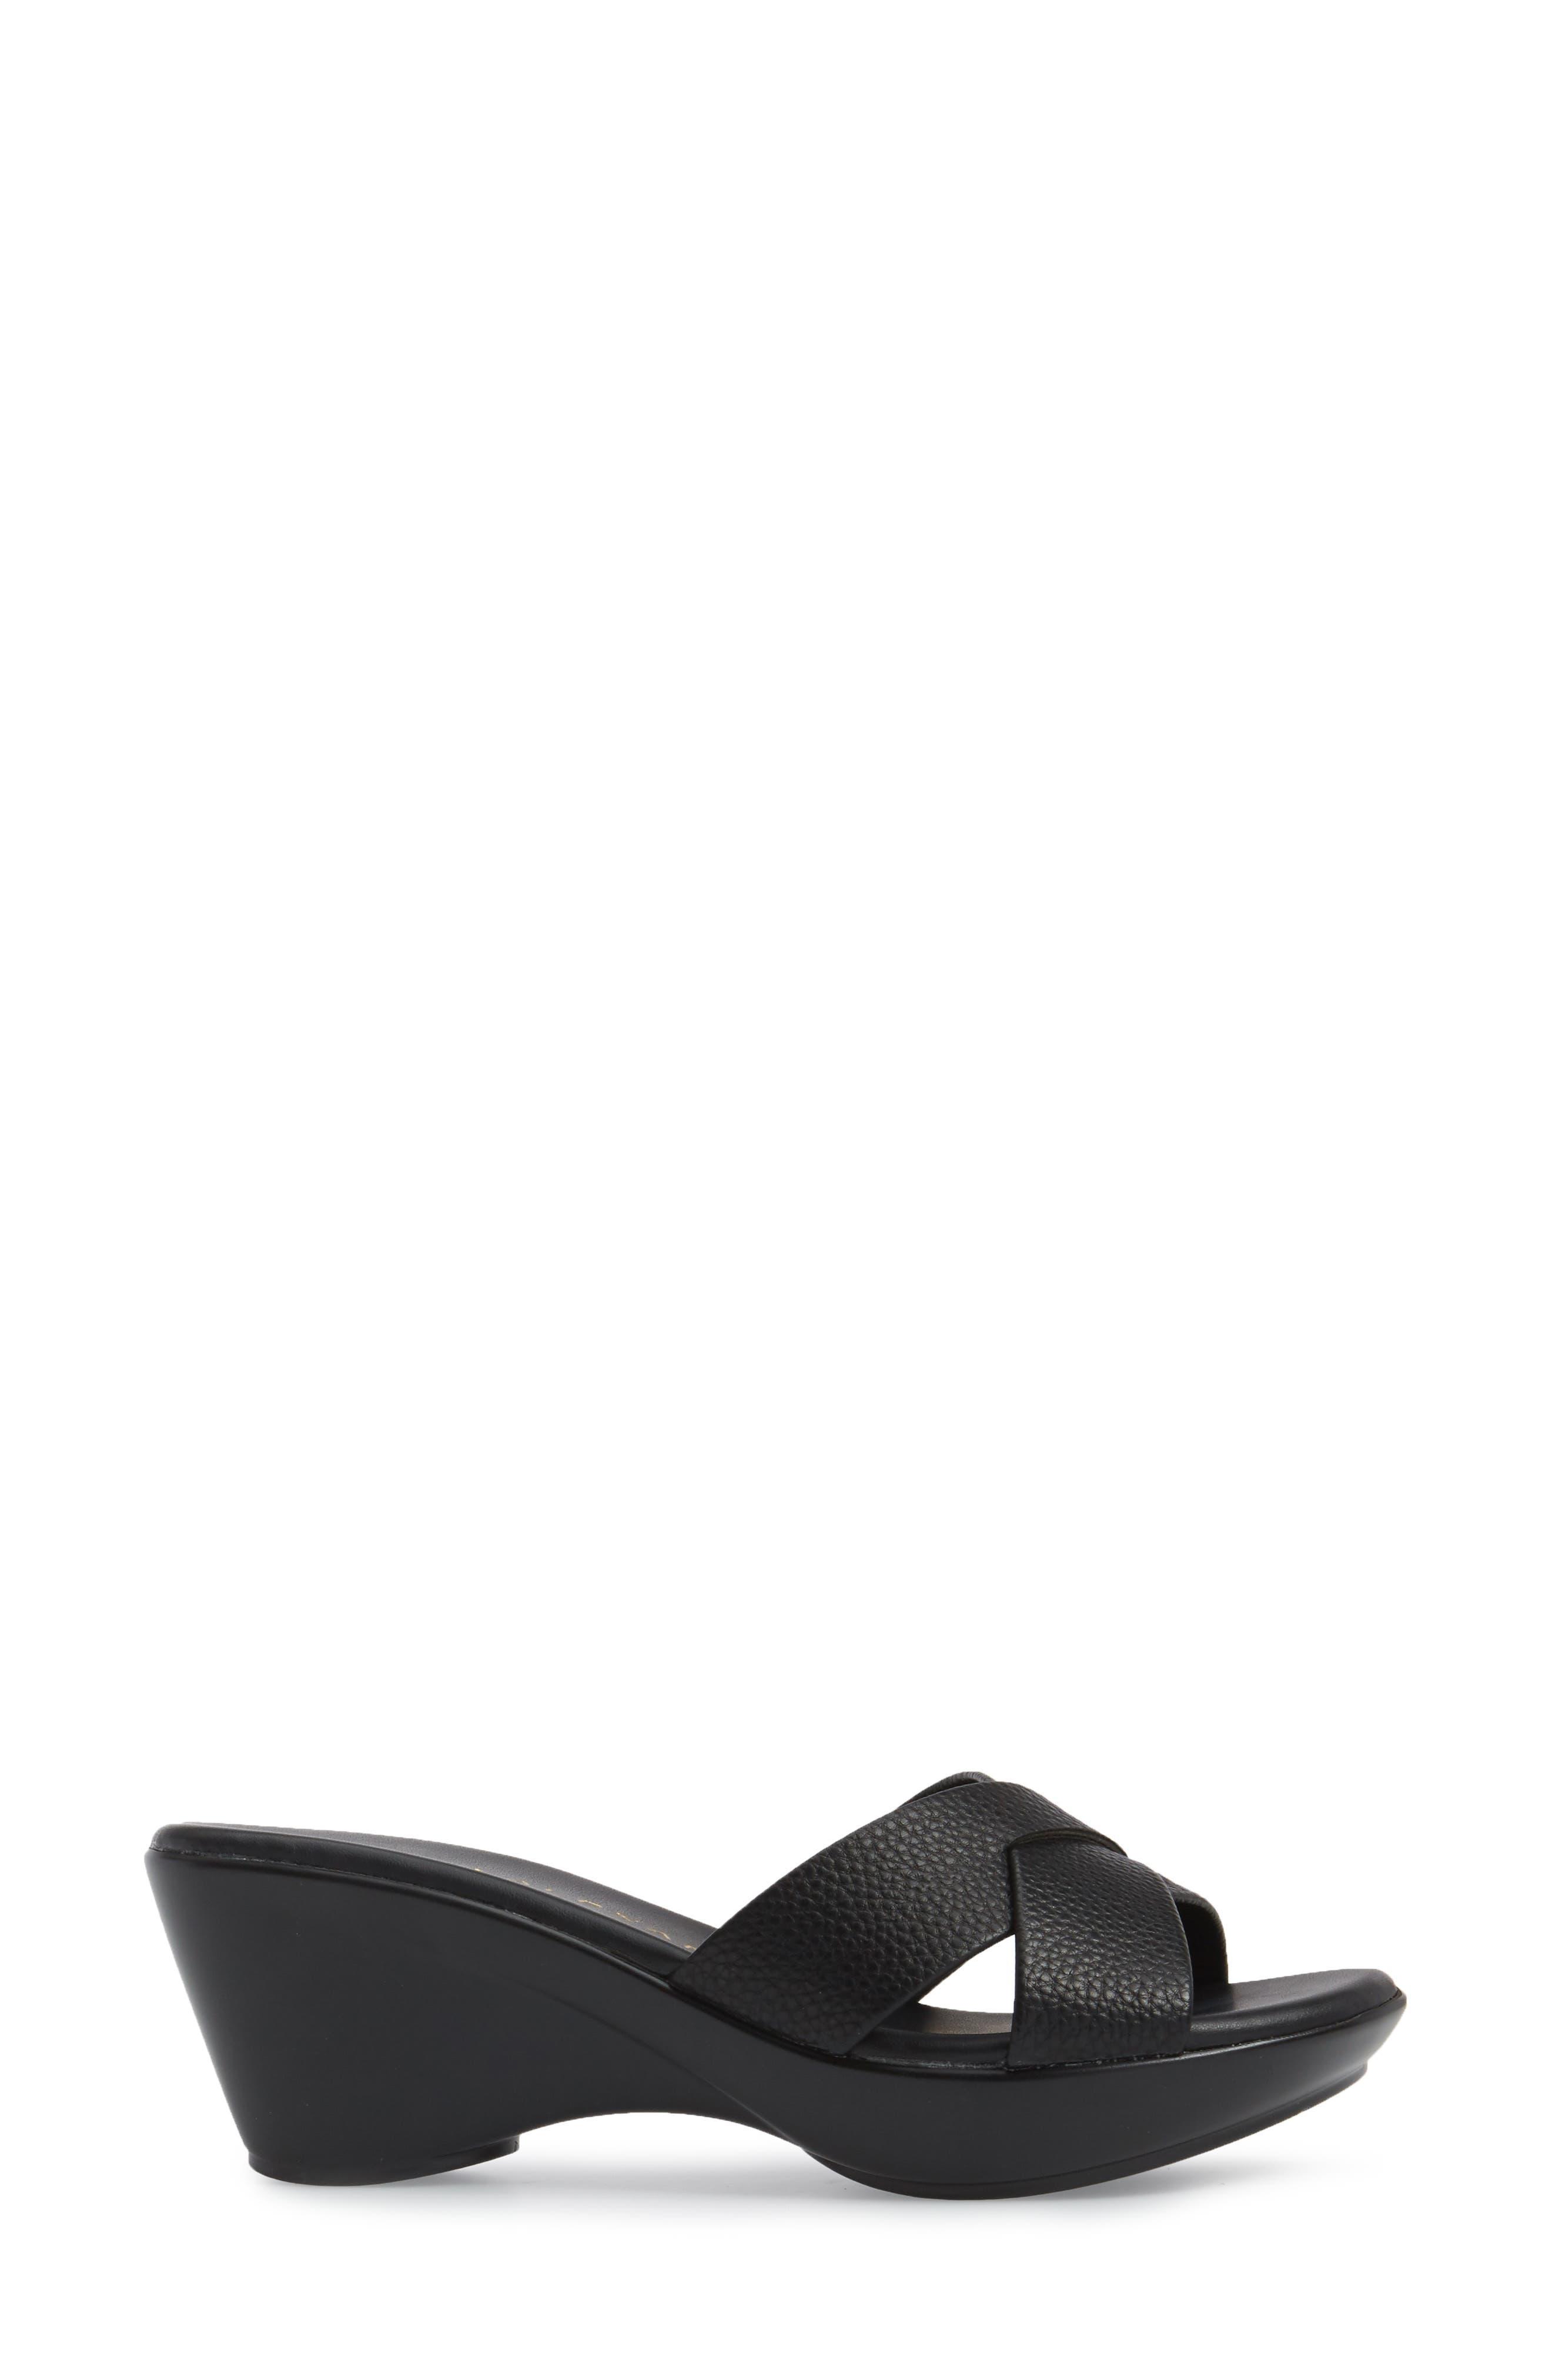 Verna Wedge Slide Sandal,                             Alternate thumbnail 3, color,                             001